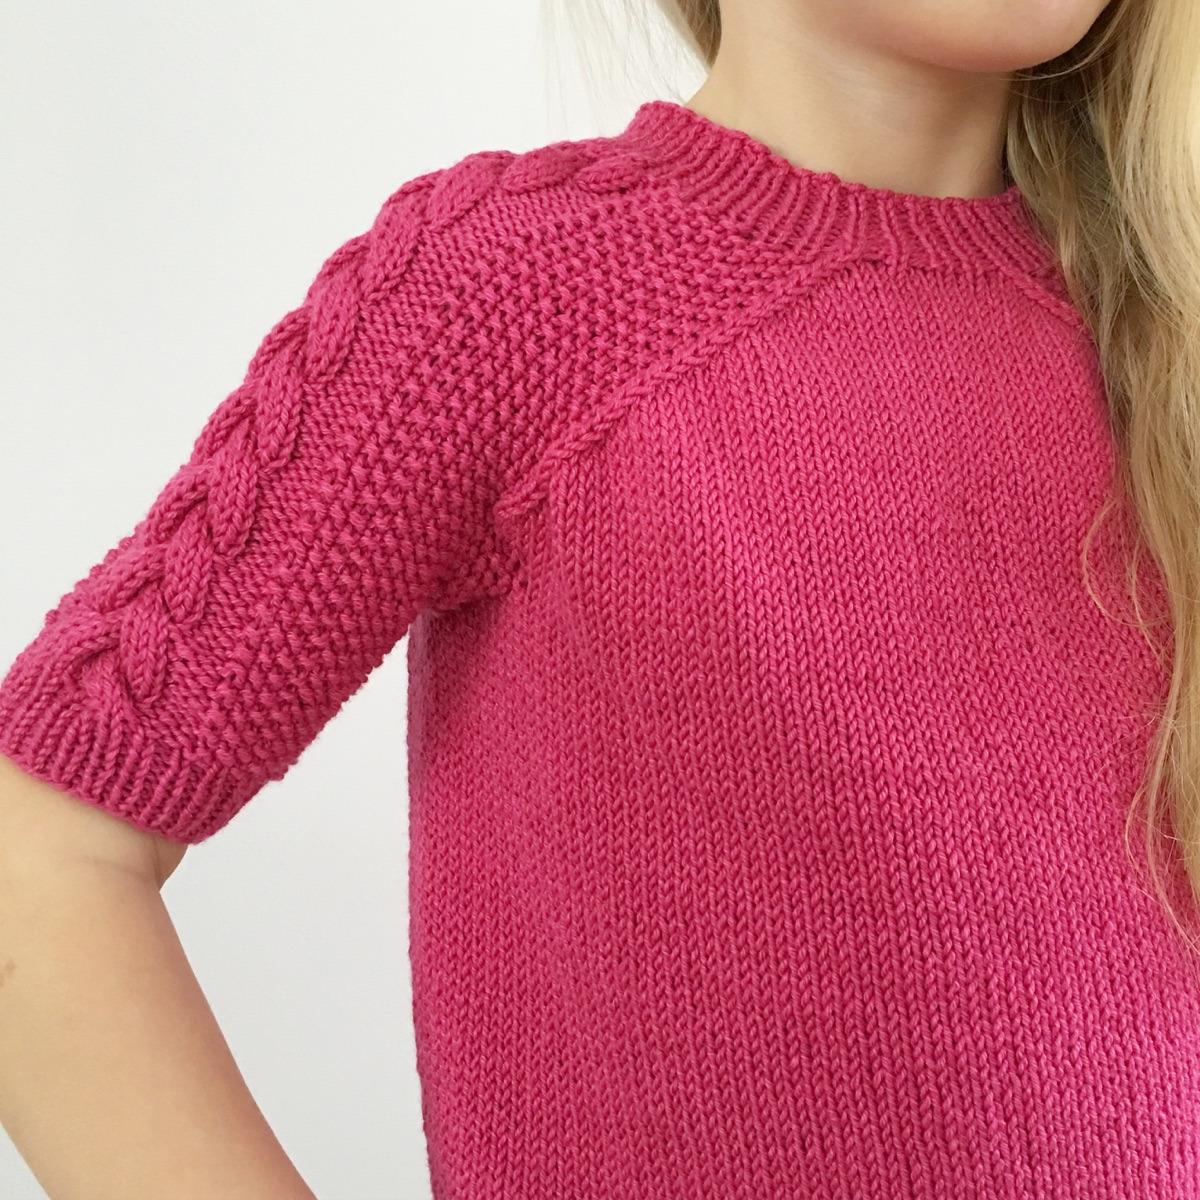 knit_o_rama (@knit_o_rama) Cover Image